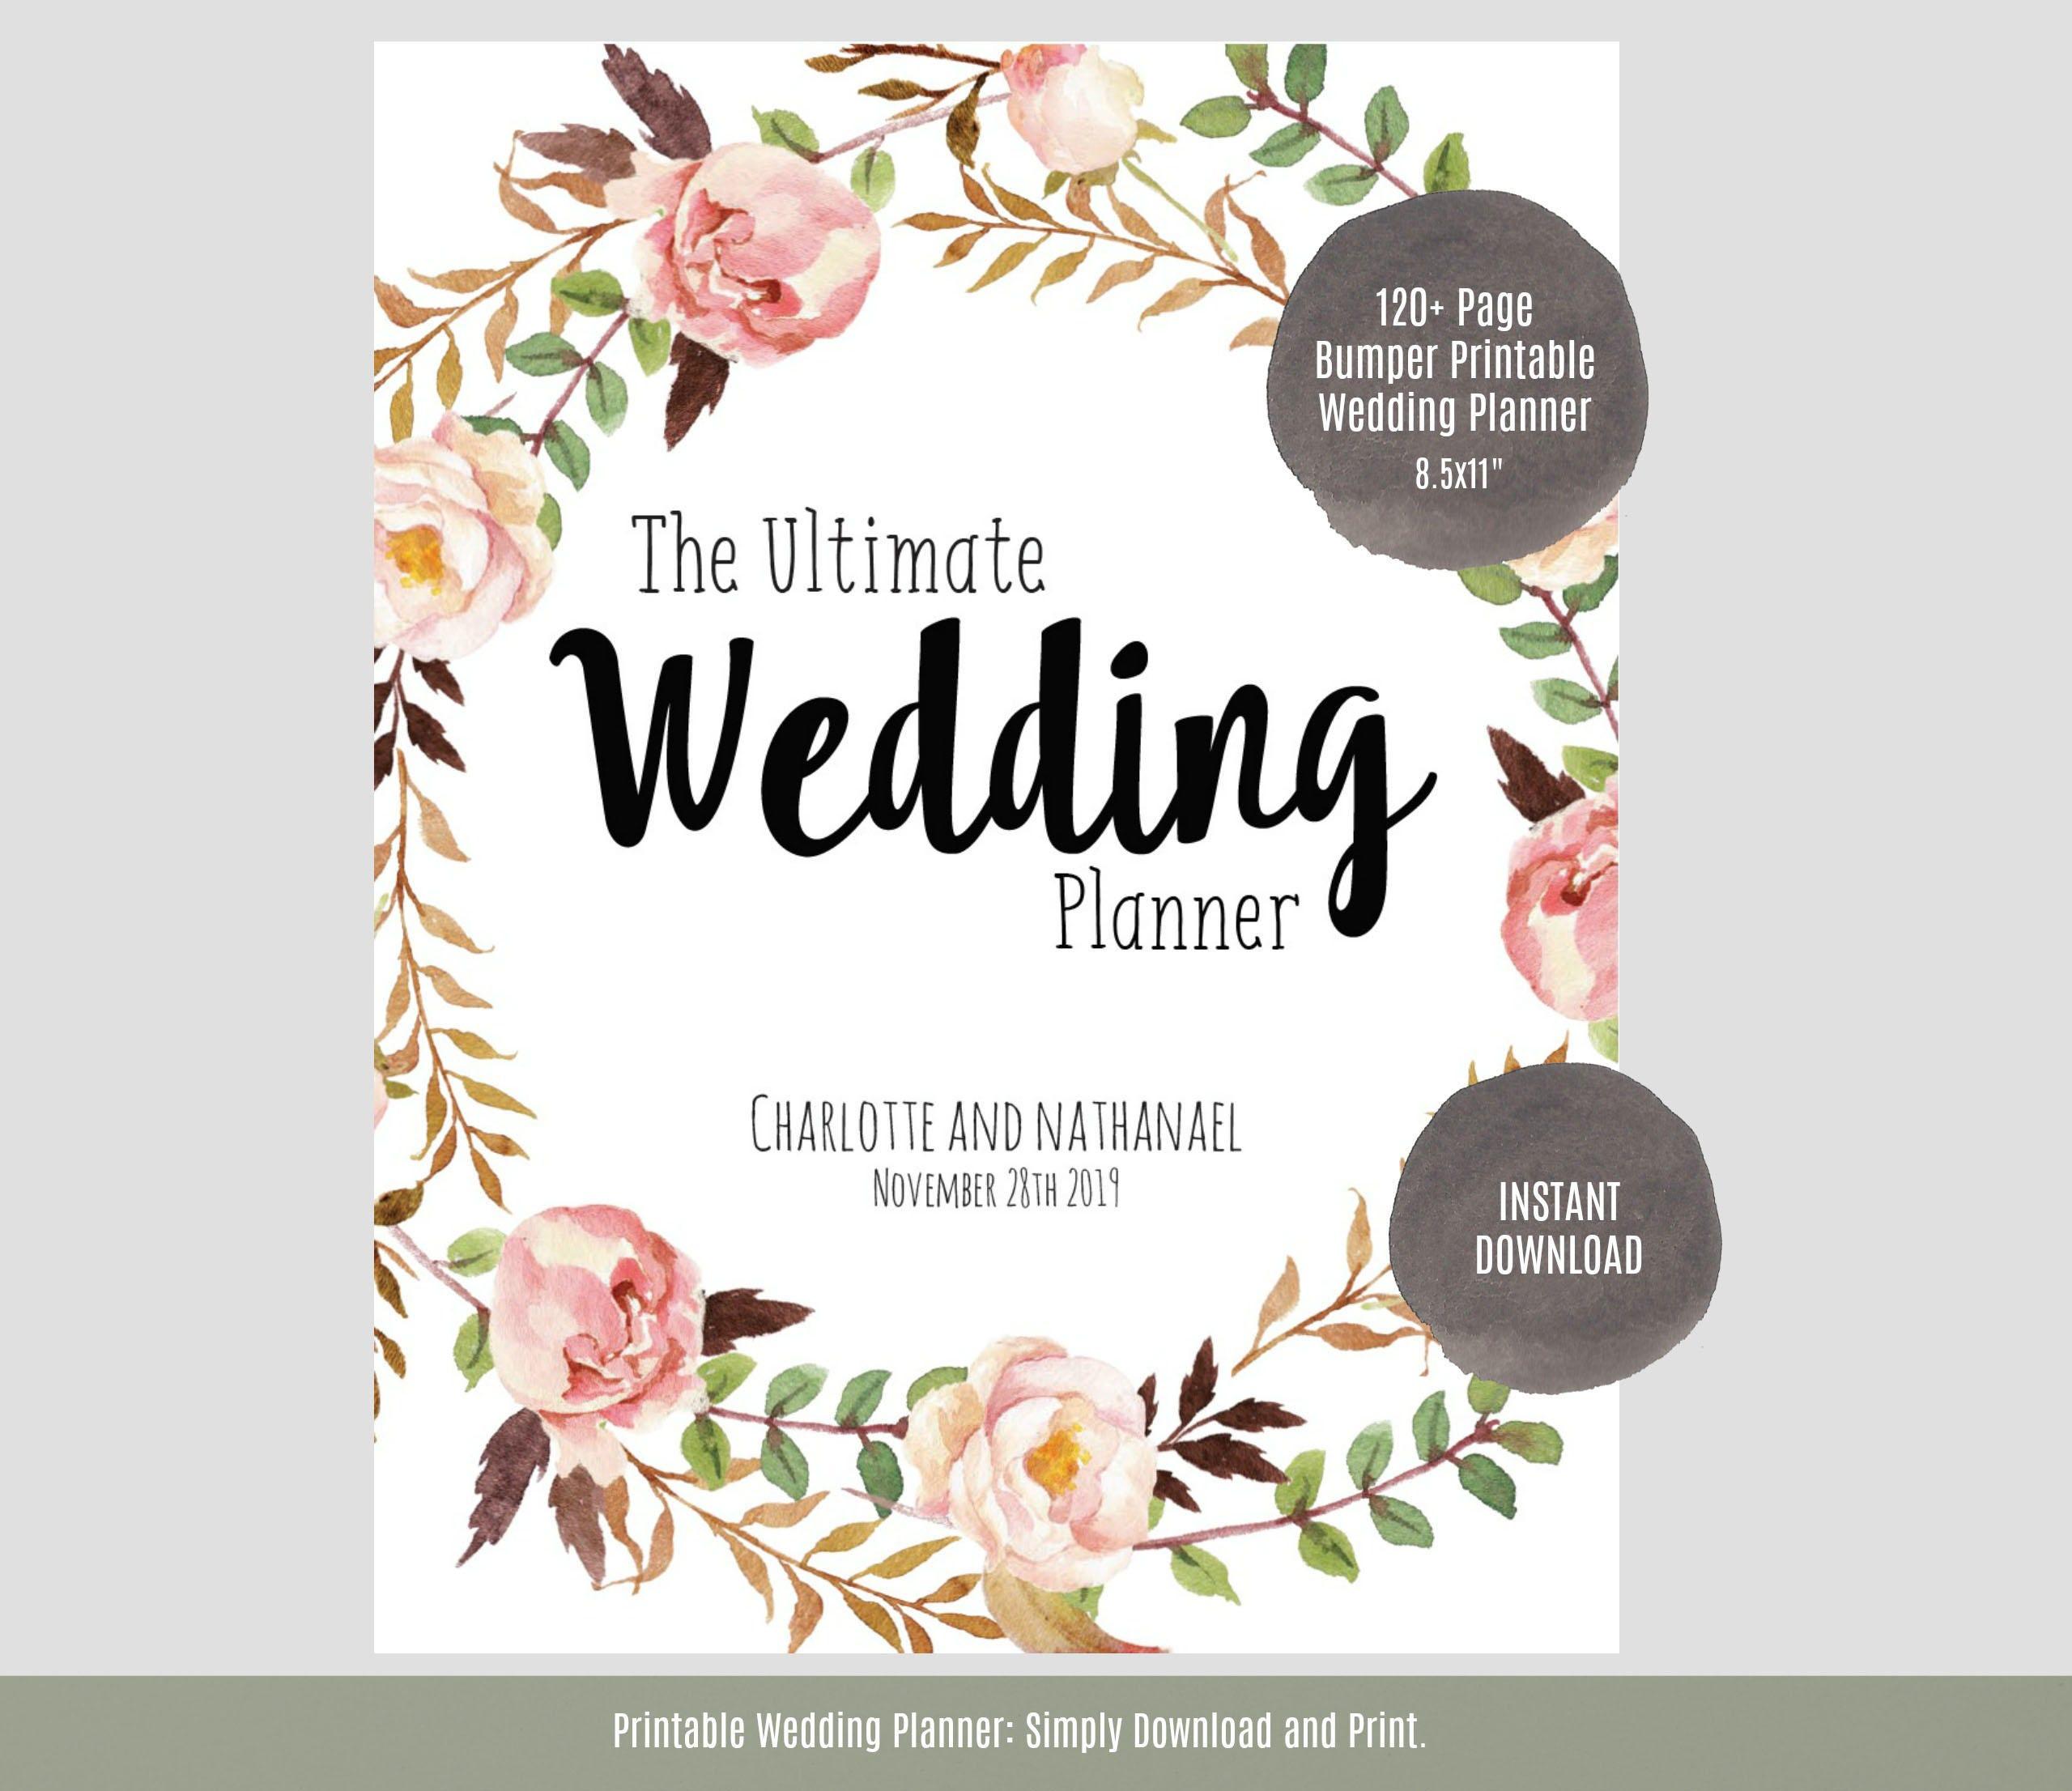 Worksheet Wedding Planning Printable Worksheets Carlos Lomas